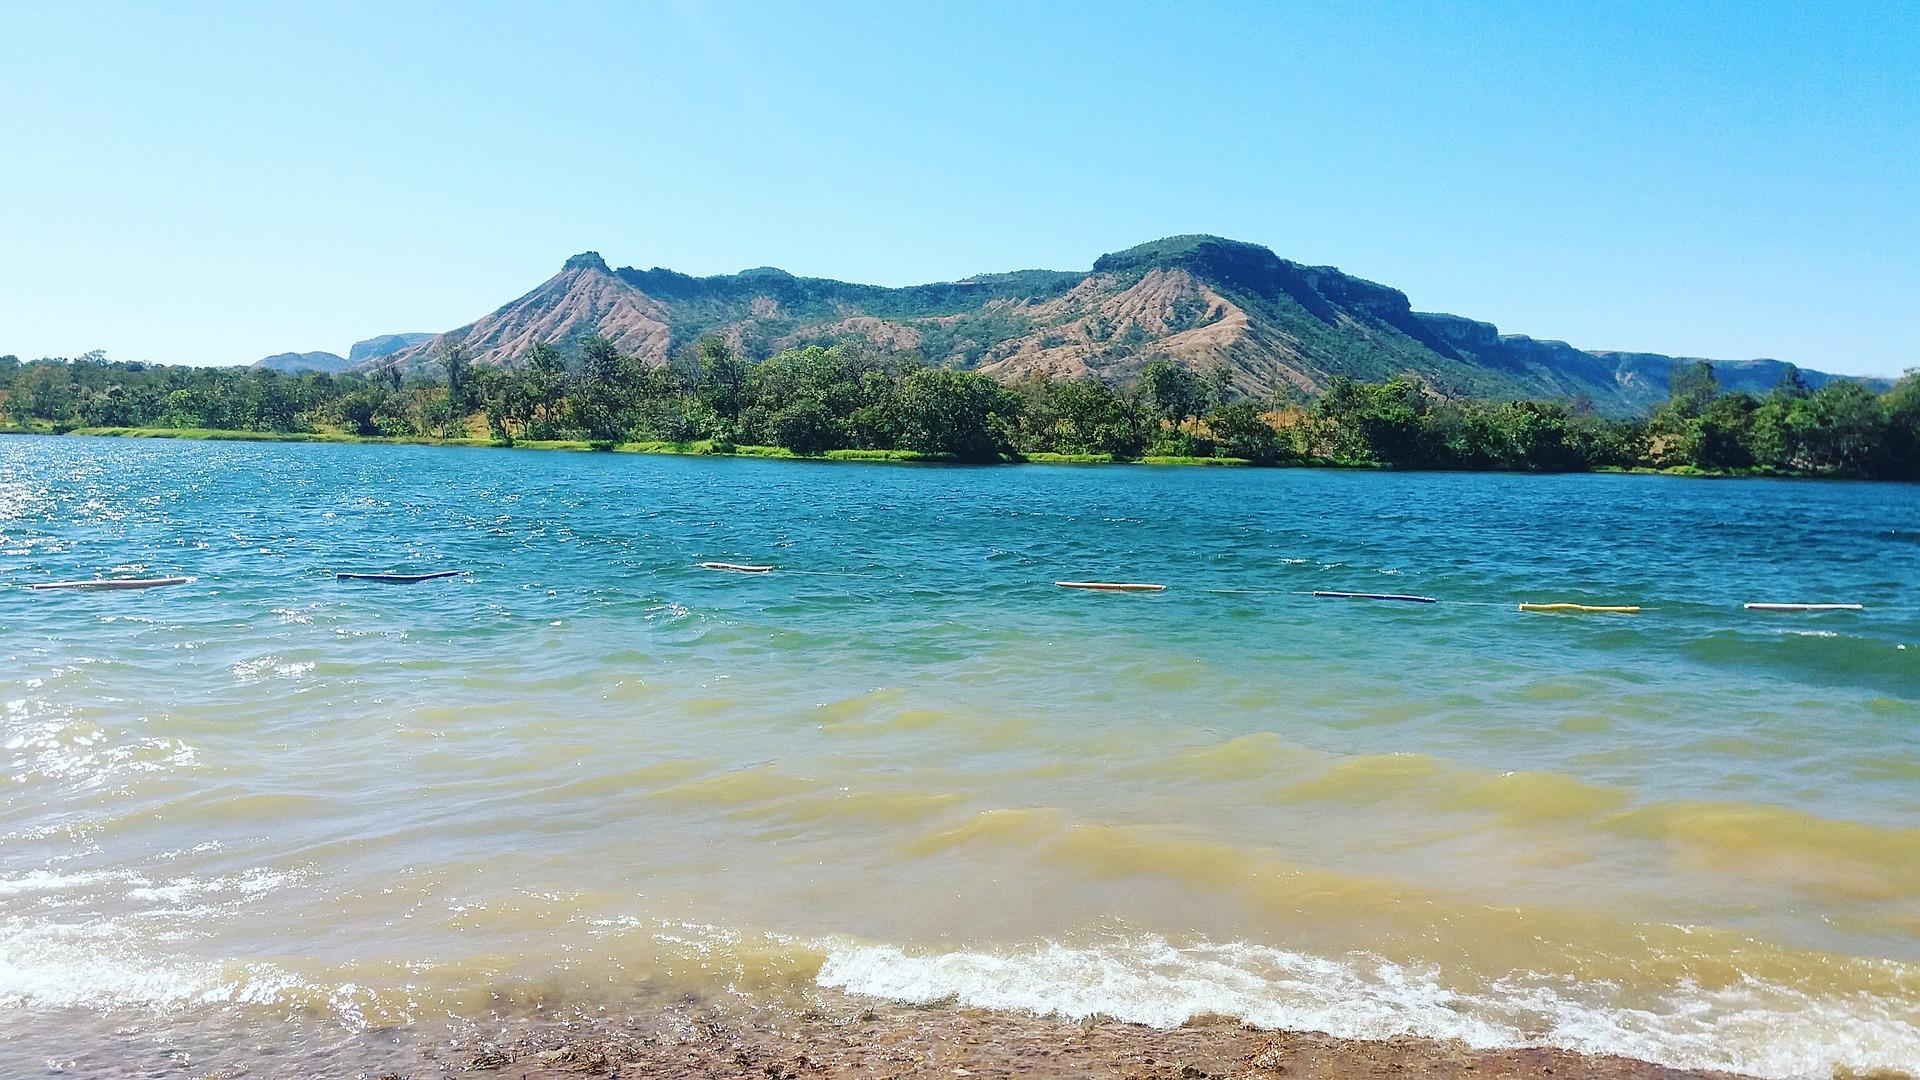 Rio dos Bois - Tocantins